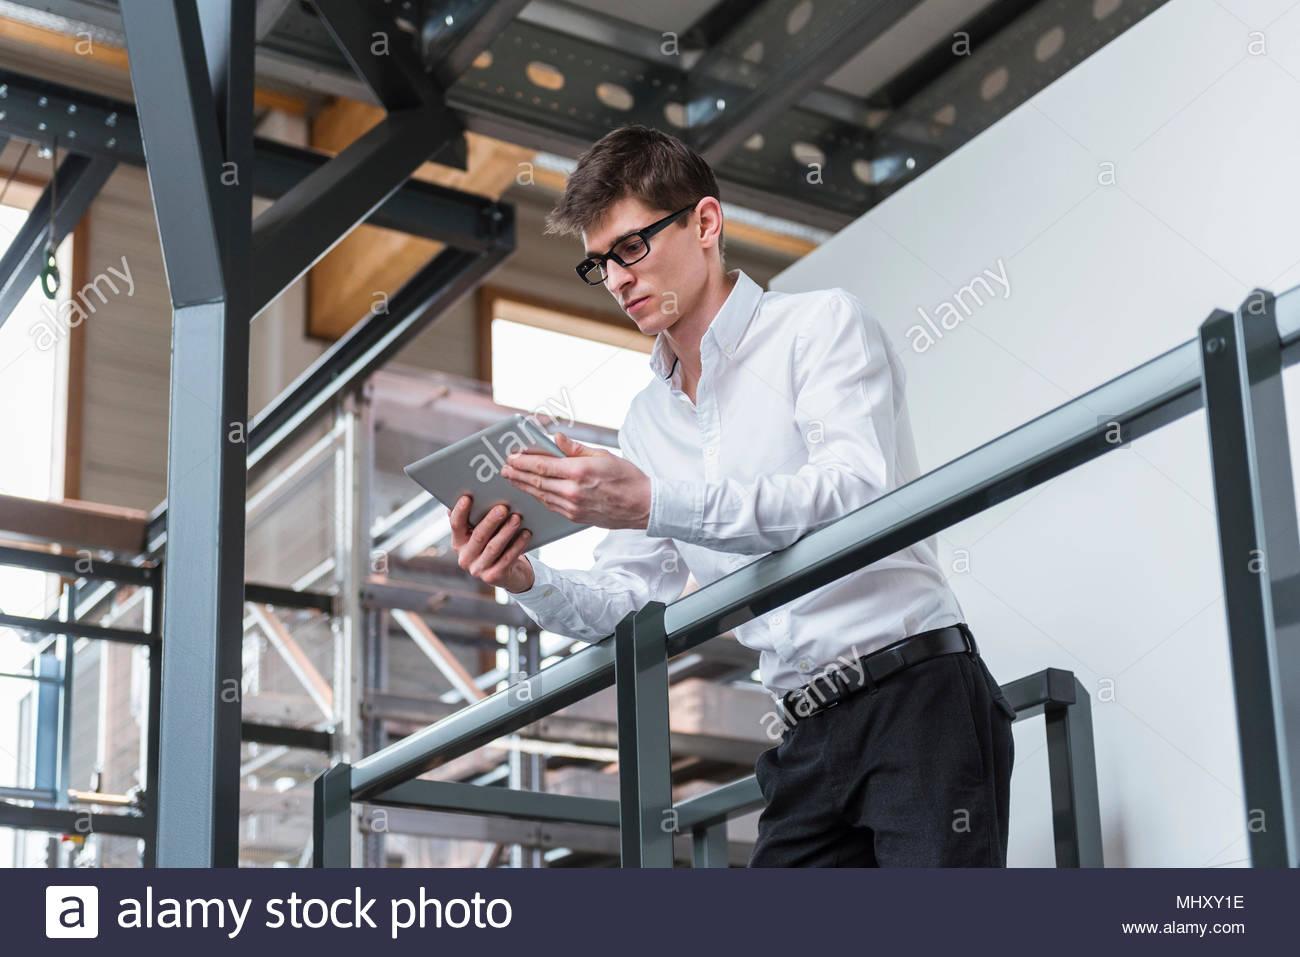 Giovane uomo in piedi in fabbrica, appoggiata sulla ringhiera, utilizzando tavoletta digitale a basso angolo di visione Immagini Stock